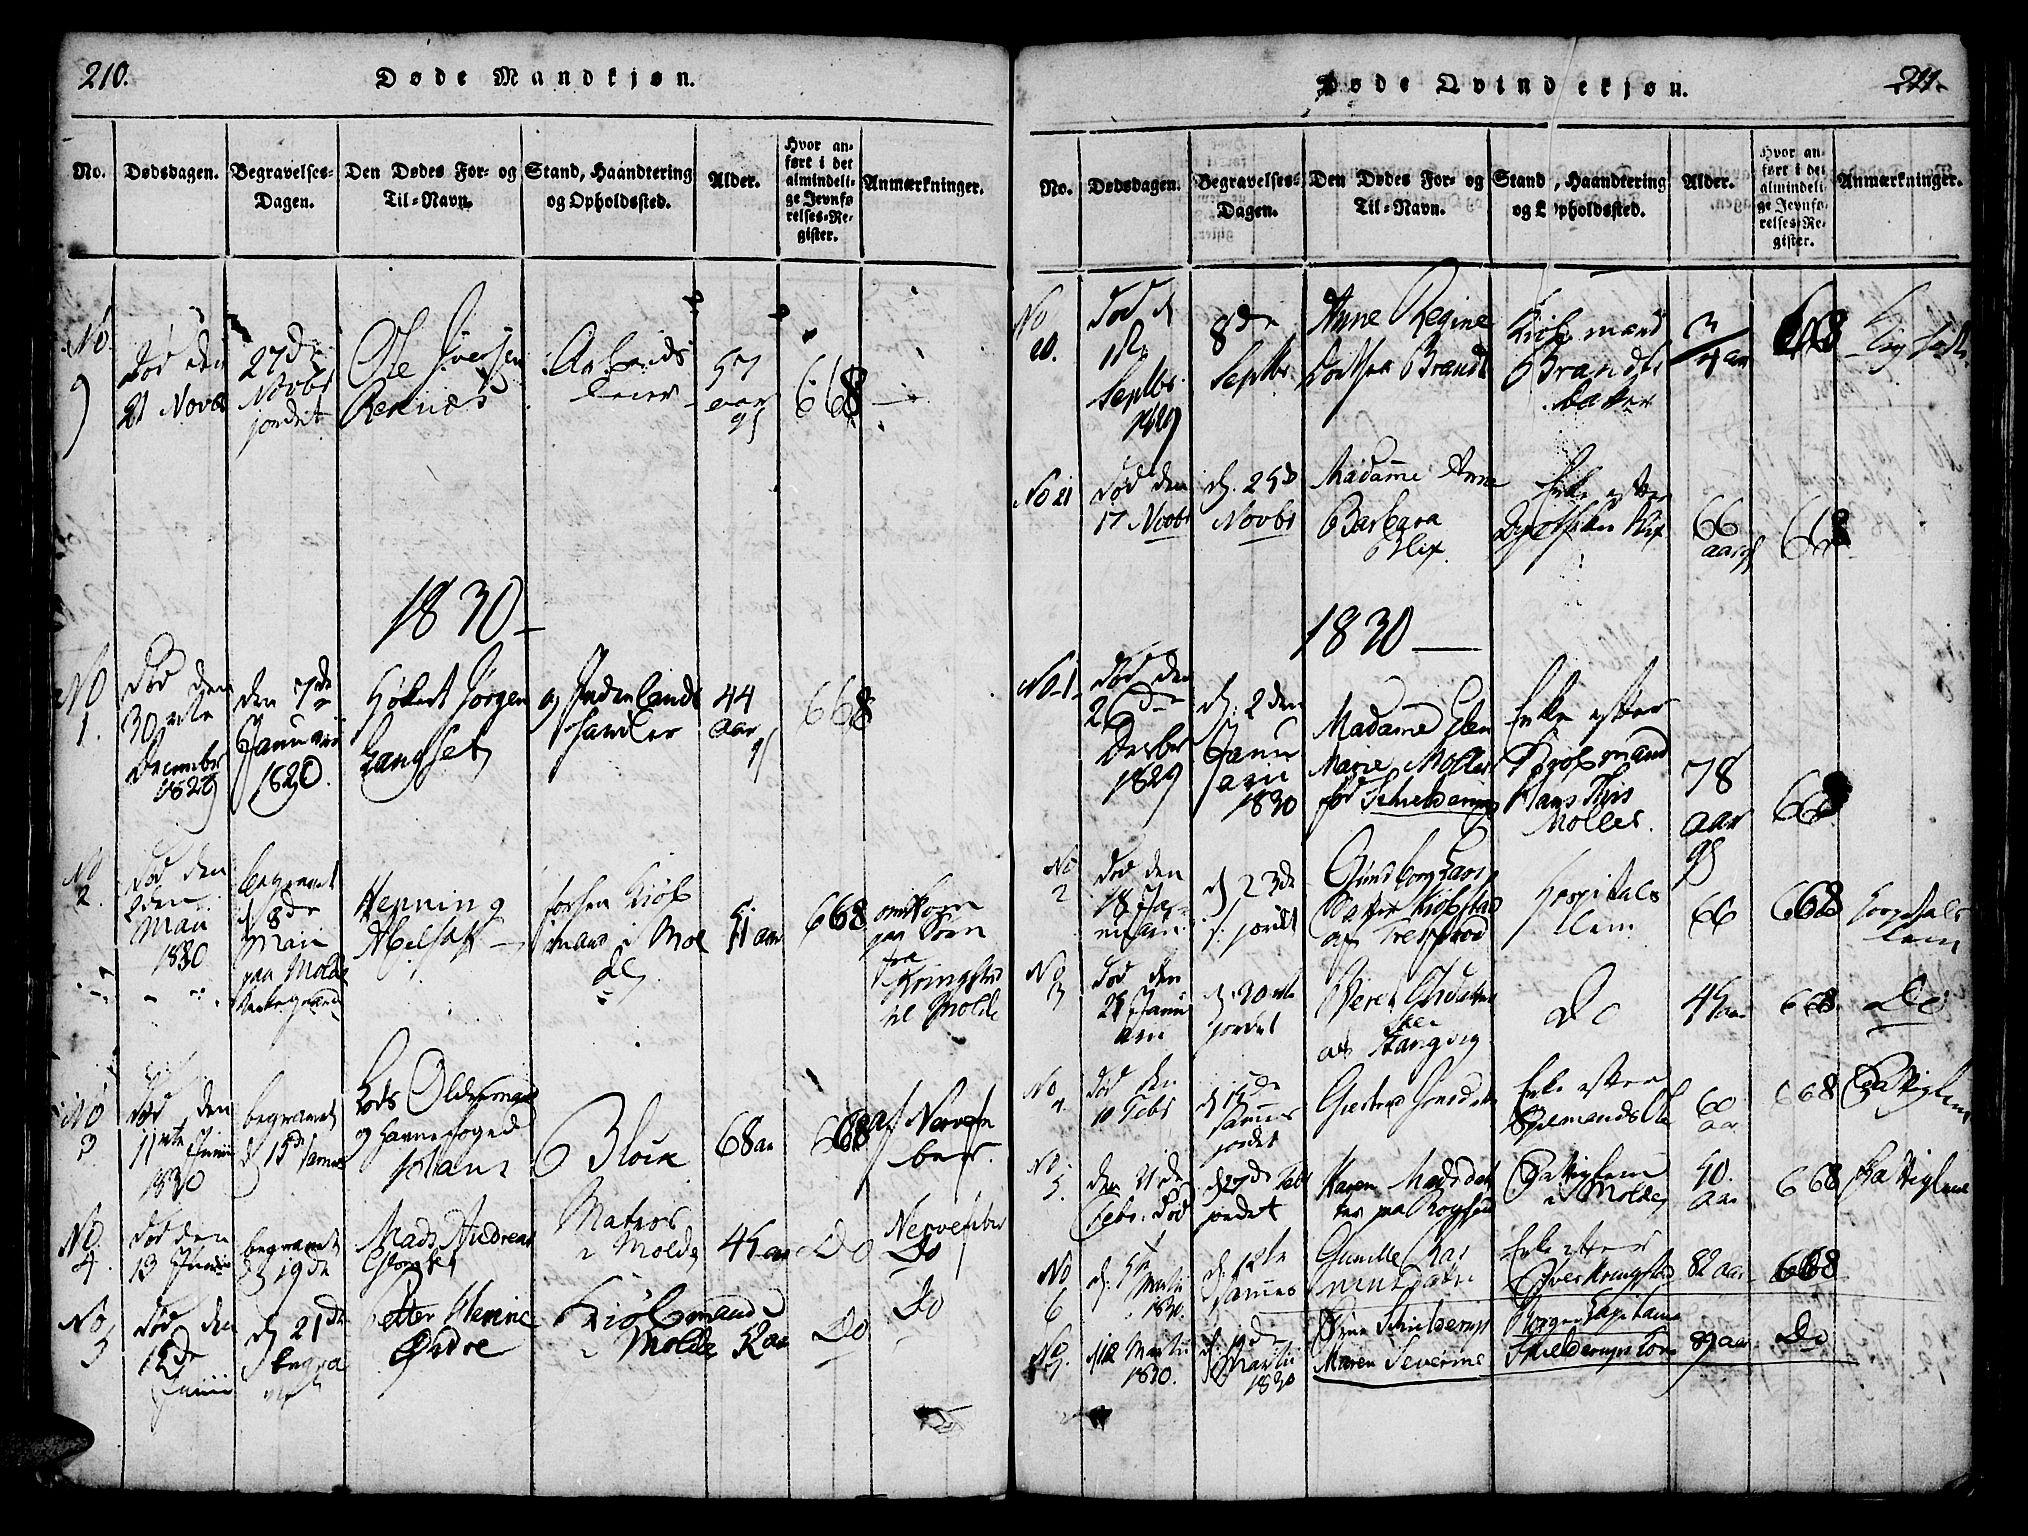 SAT, Ministerialprotokoller, klokkerbøker og fødselsregistre - Møre og Romsdal, 558/L0688: Ministerialbok nr. 558A02, 1818-1843, s. 210-211